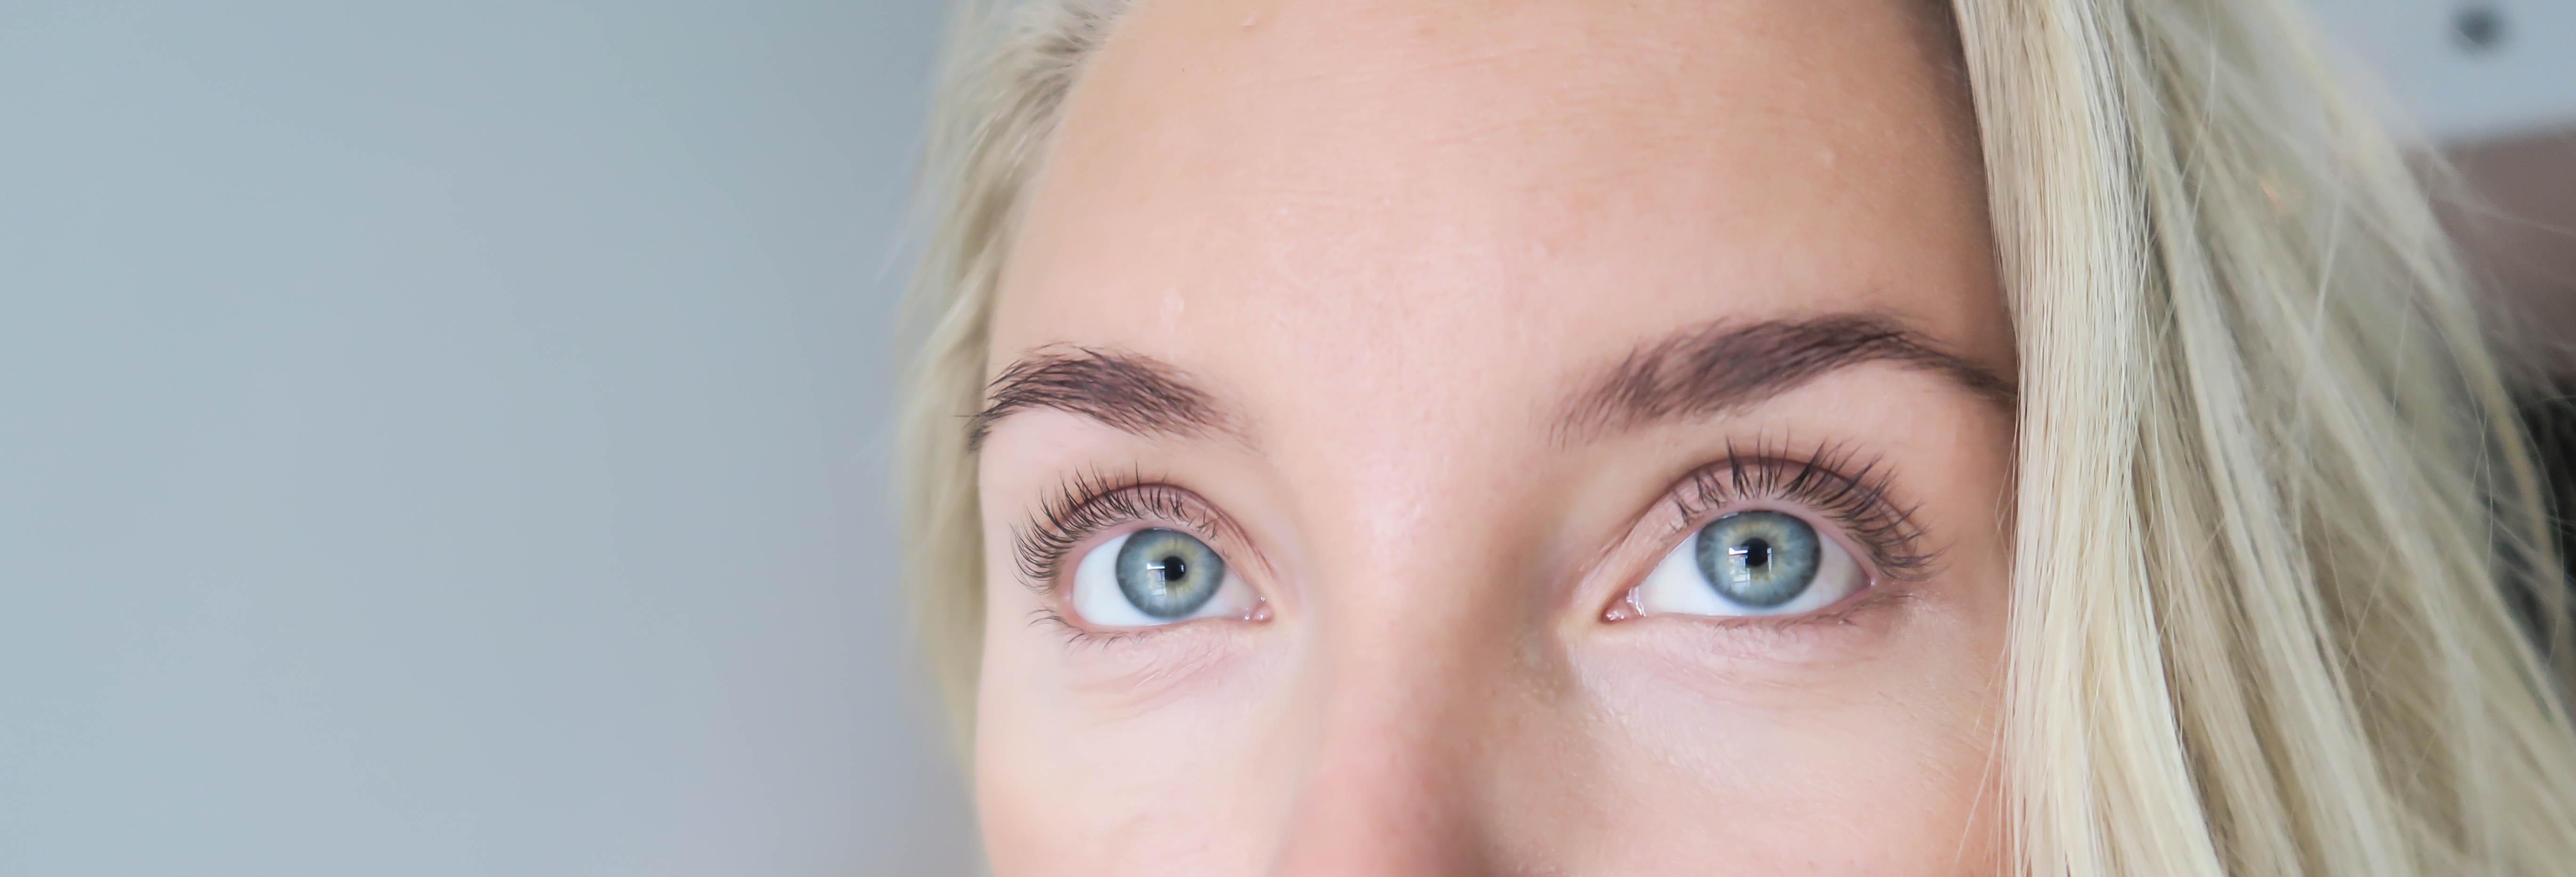 beauty lashes3